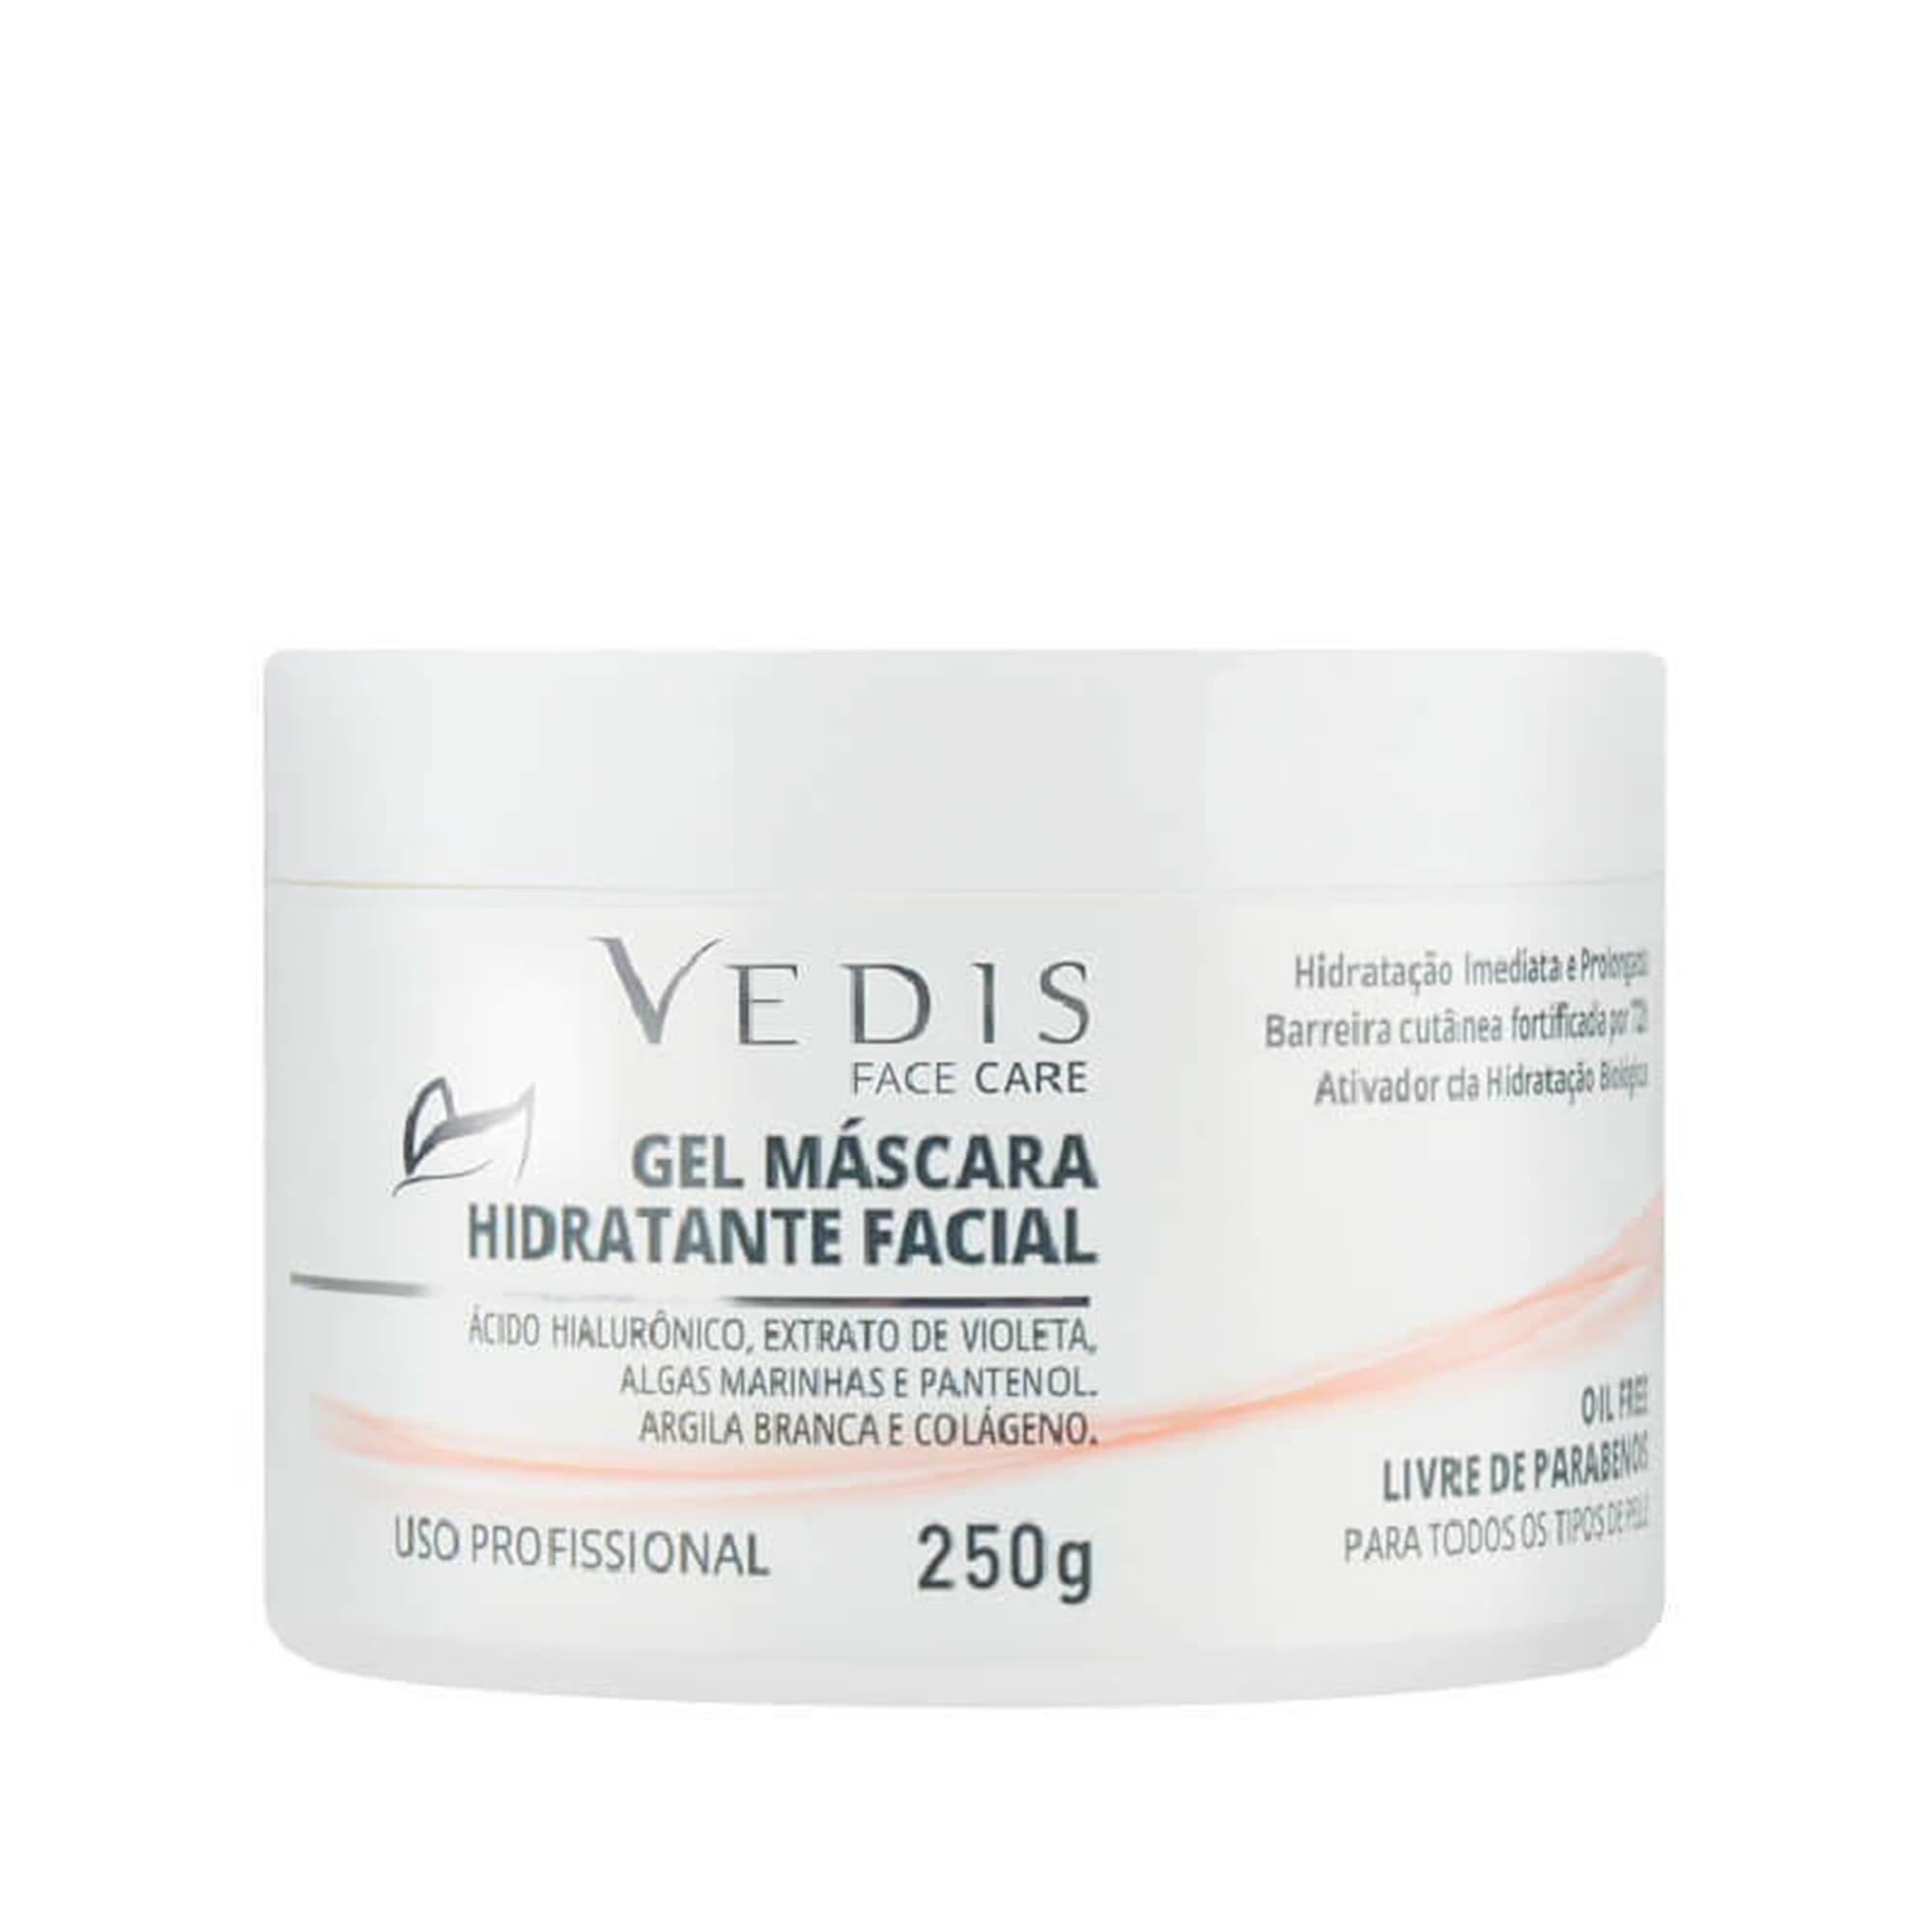 Gel Máscara Hidrante Facial (Ácido Hialurônico) 250g - Vedis